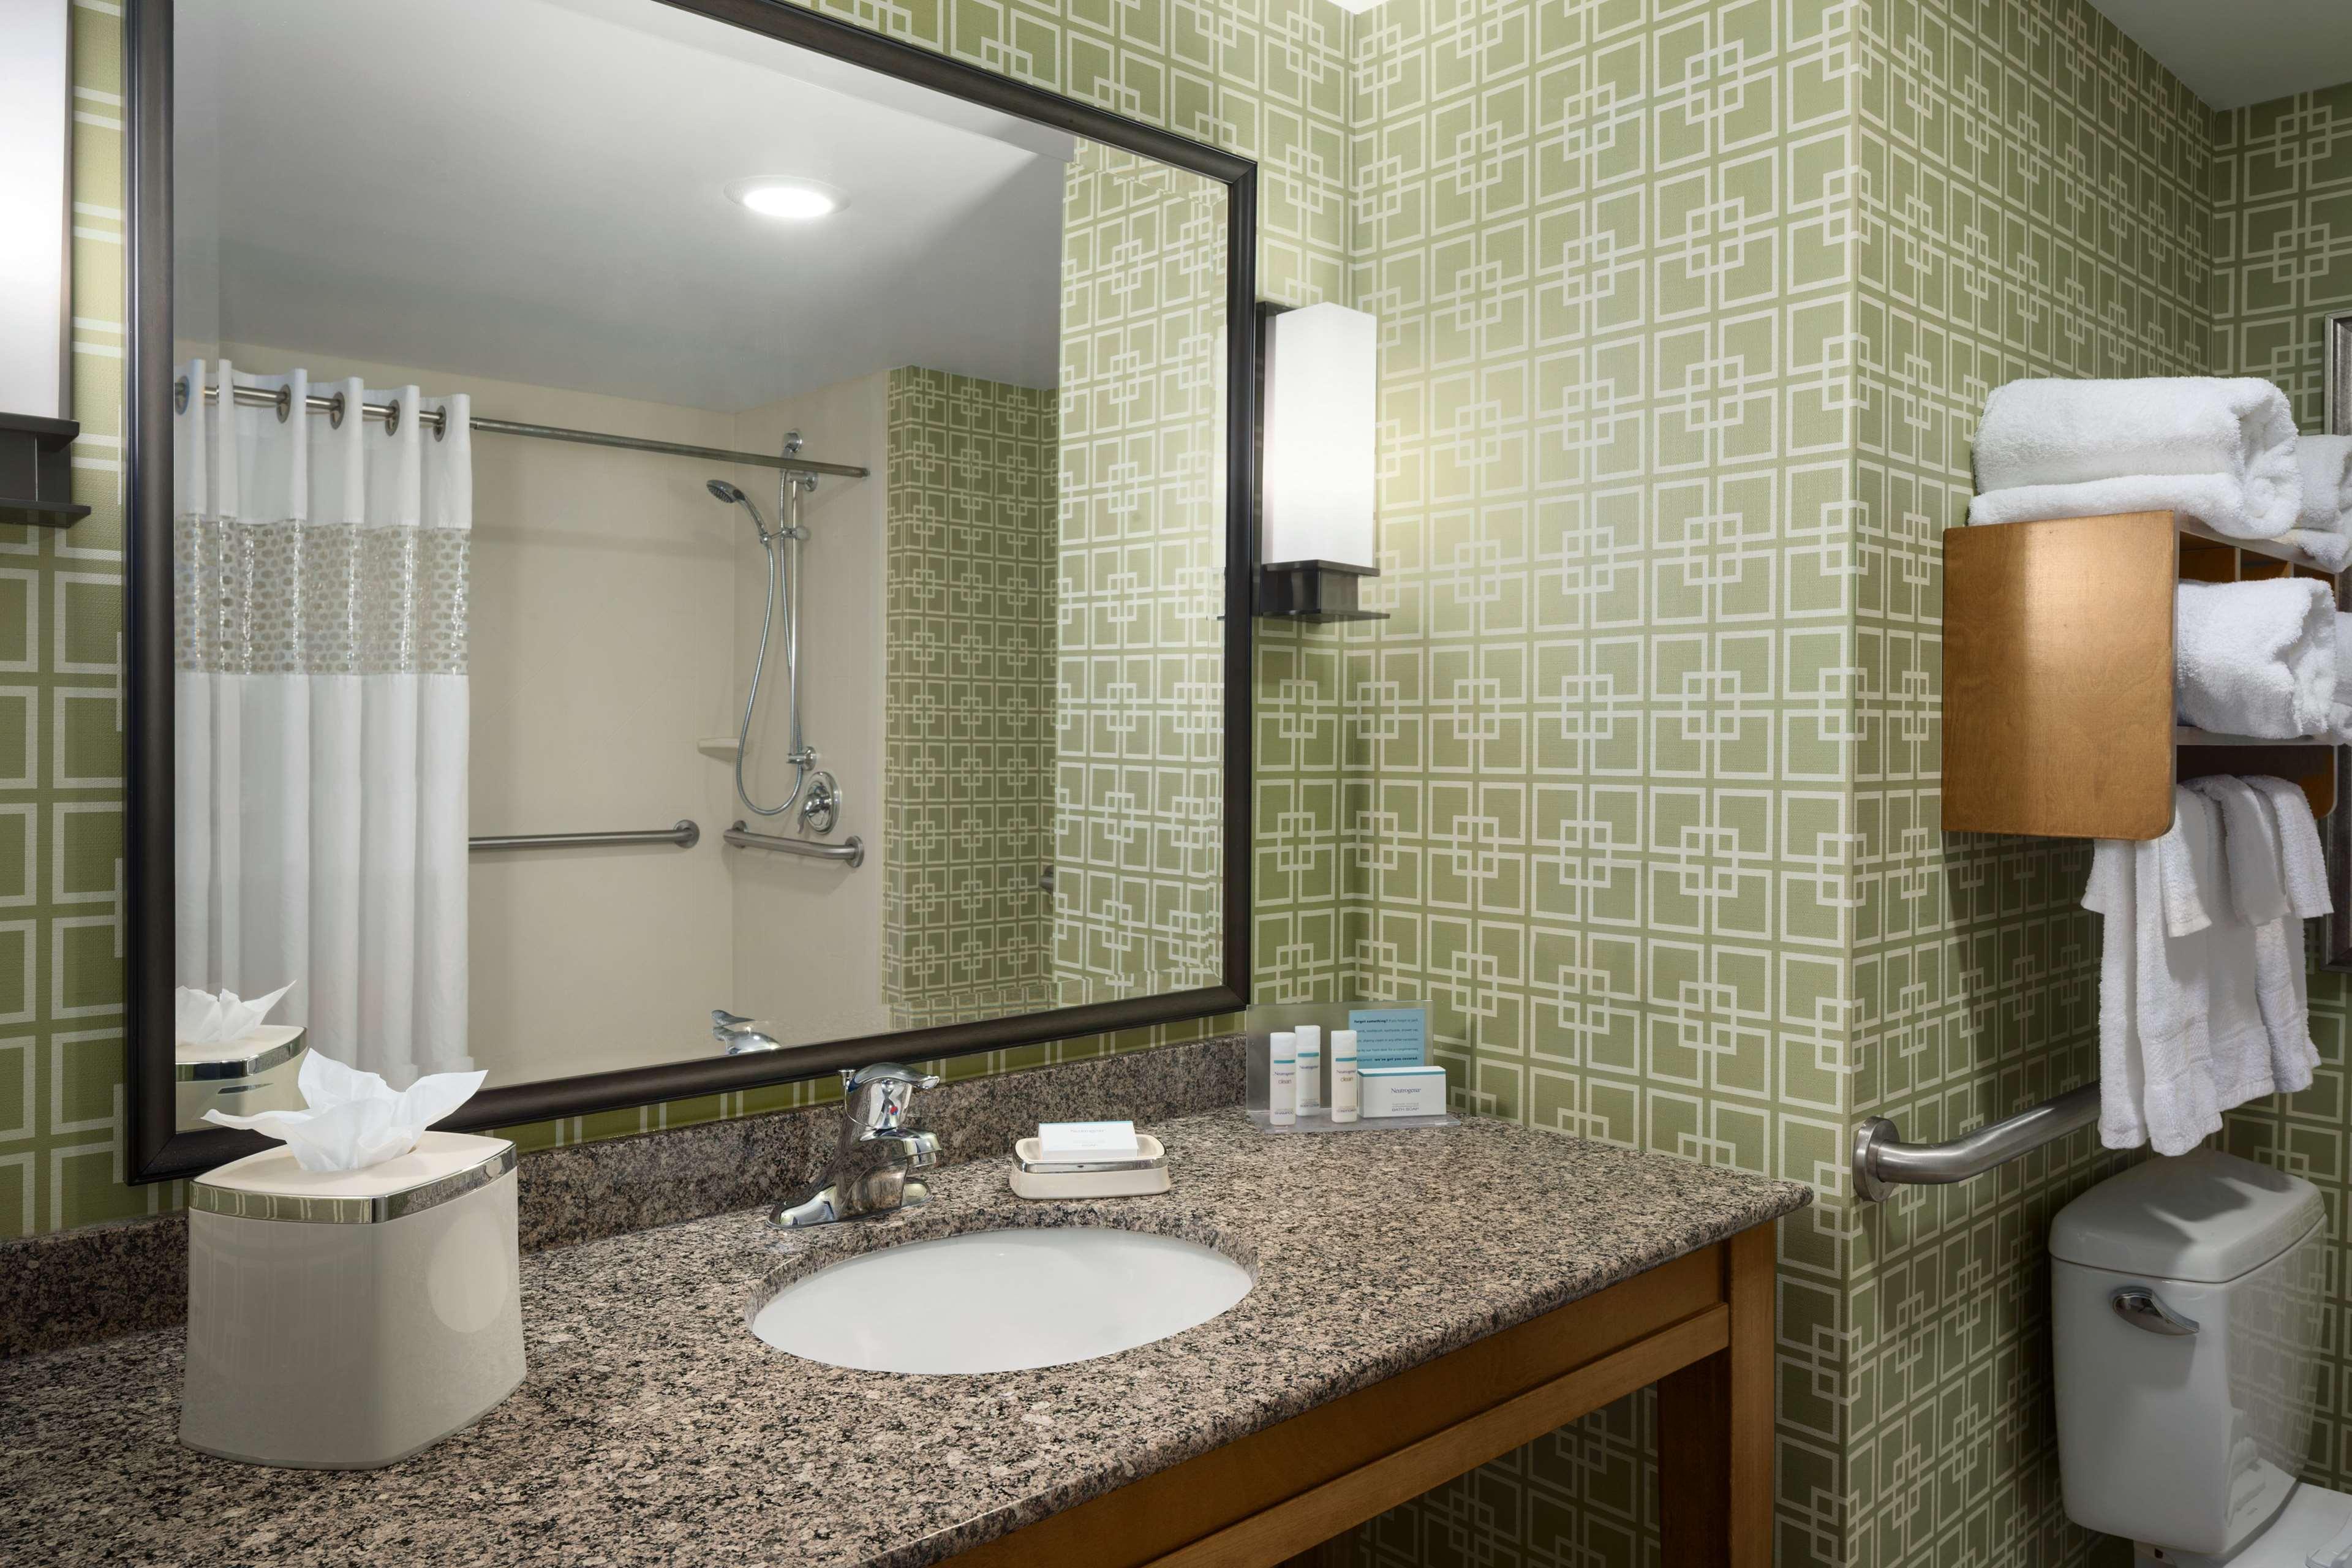 Hampton Inn and Suites Clayton/St Louis-Galleria Area image 25